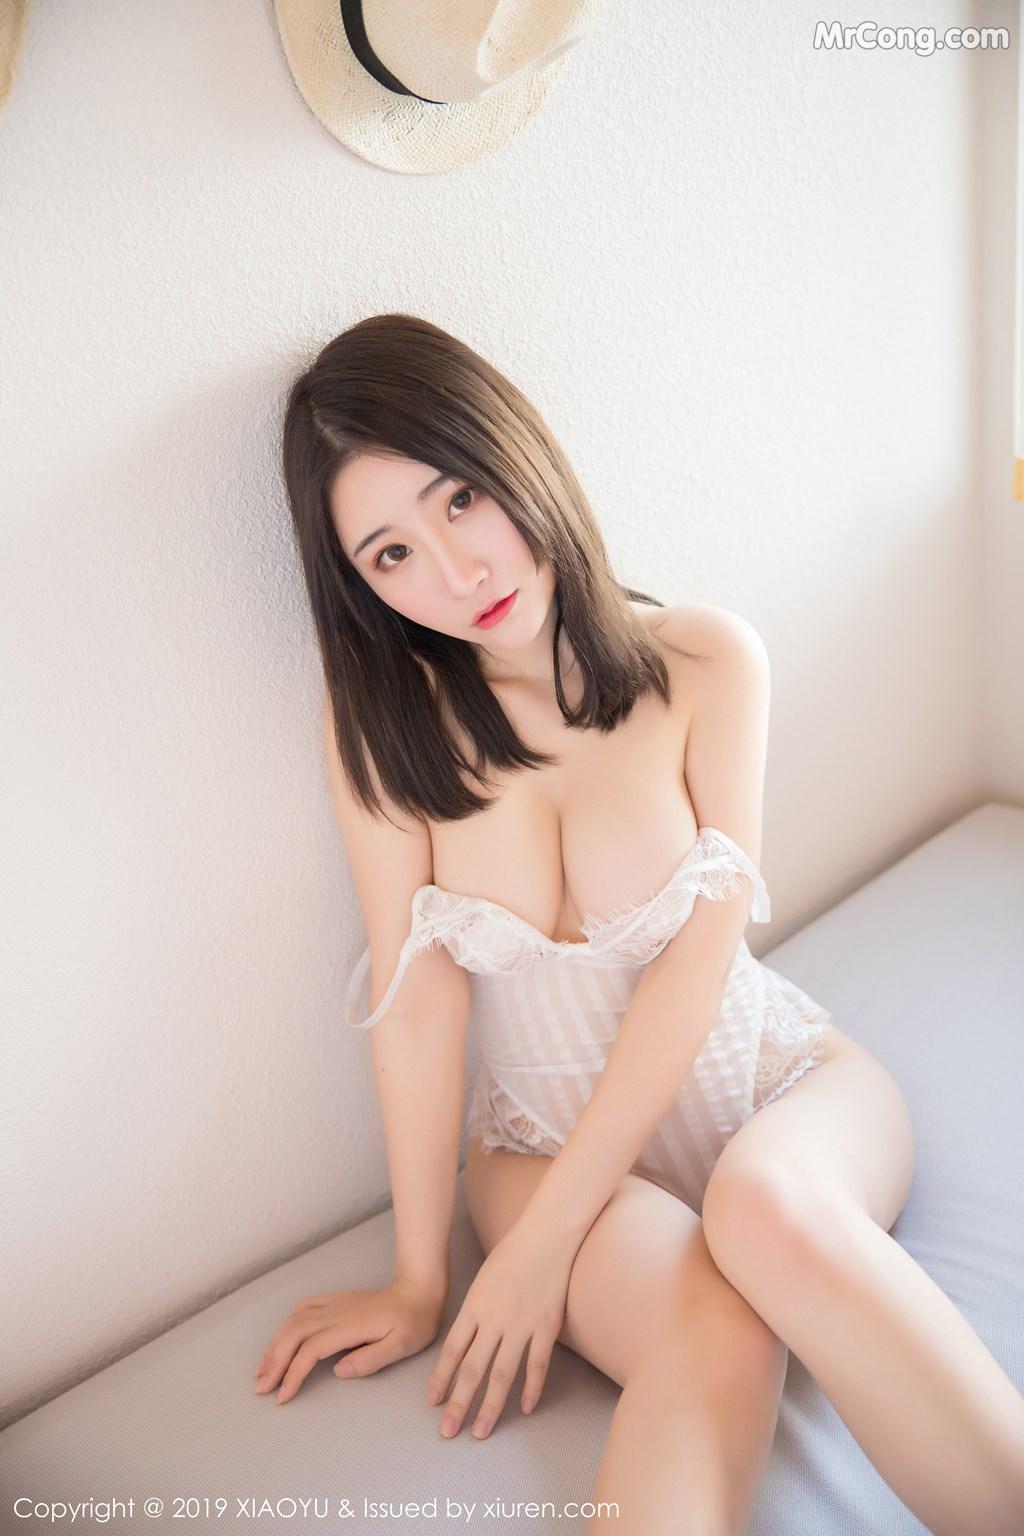 Image XiaoYu-Vol.147-Cherry-MrCong.com-014 in post XiaoYu Vol.147: 绯月樱-Cherry (66 ảnh)